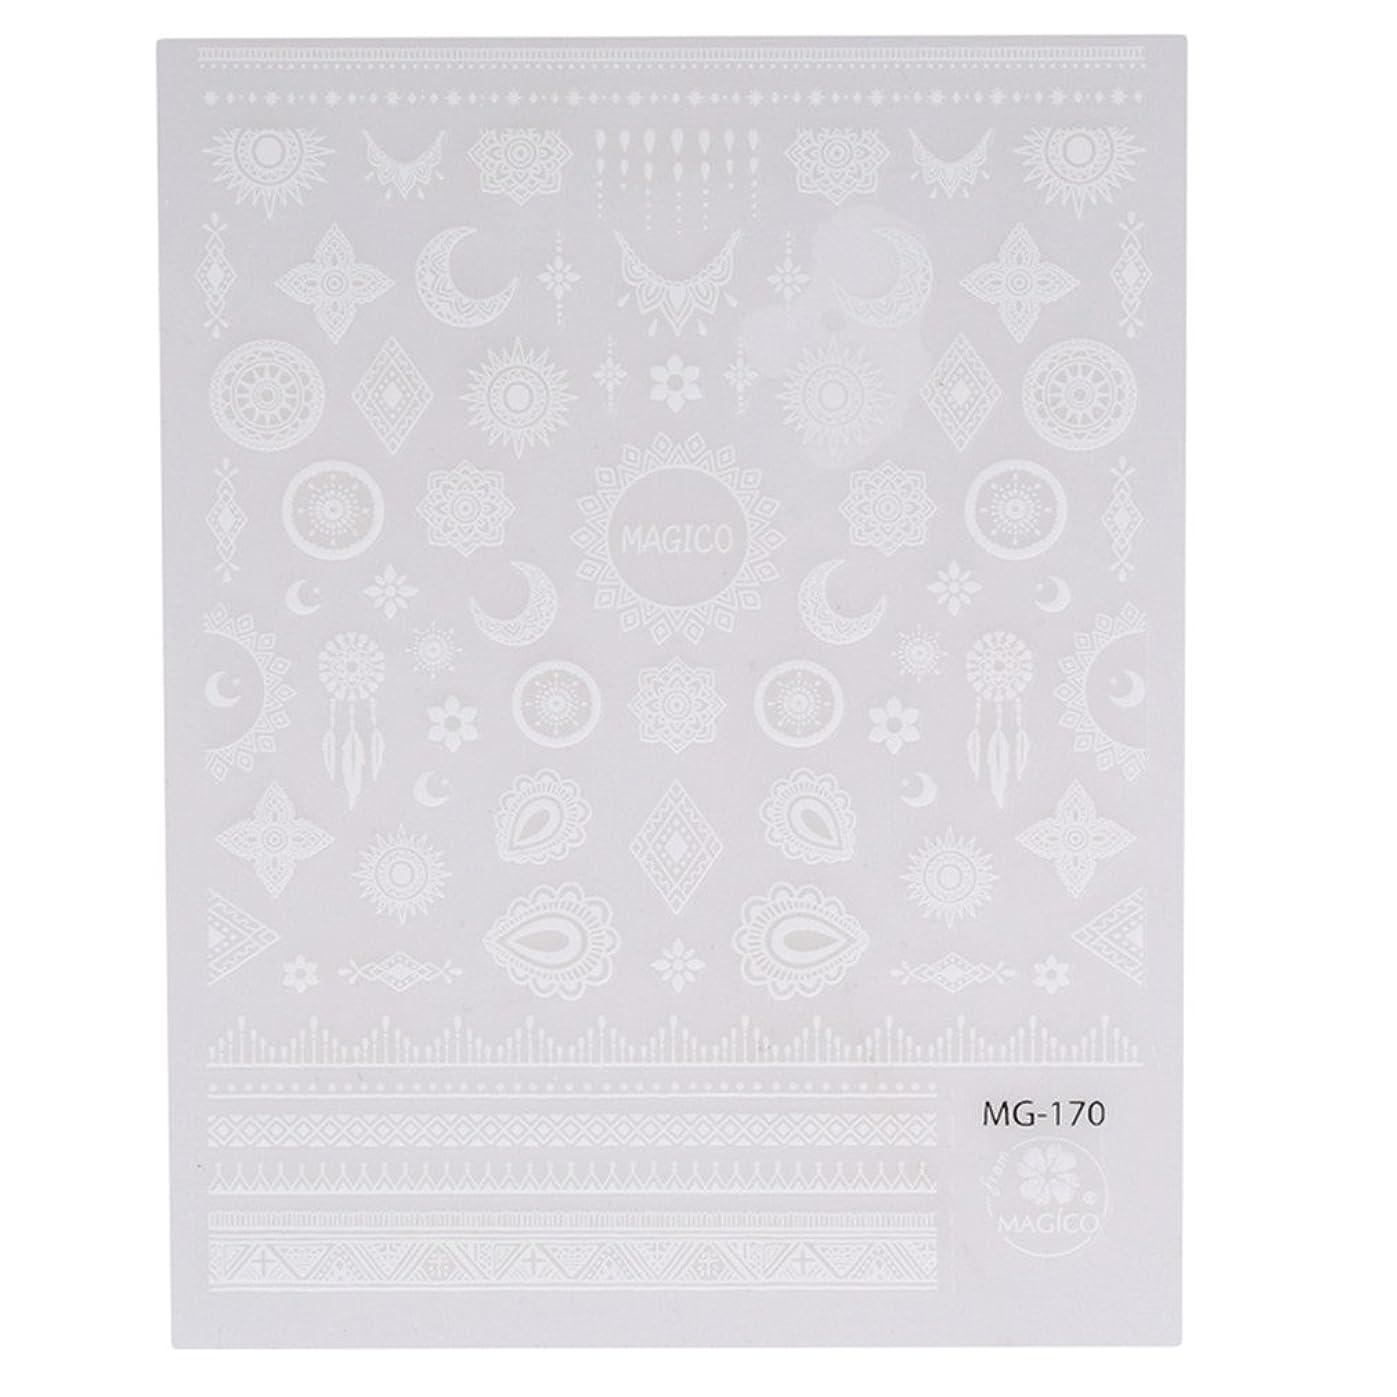 フォージヒント批判JIOLK ネイルシール レース ネイルステッカー 星 月 ネイルアート 貼るだけでいい 可愛い ネイル飾り ネイル パーツ アクセサリー